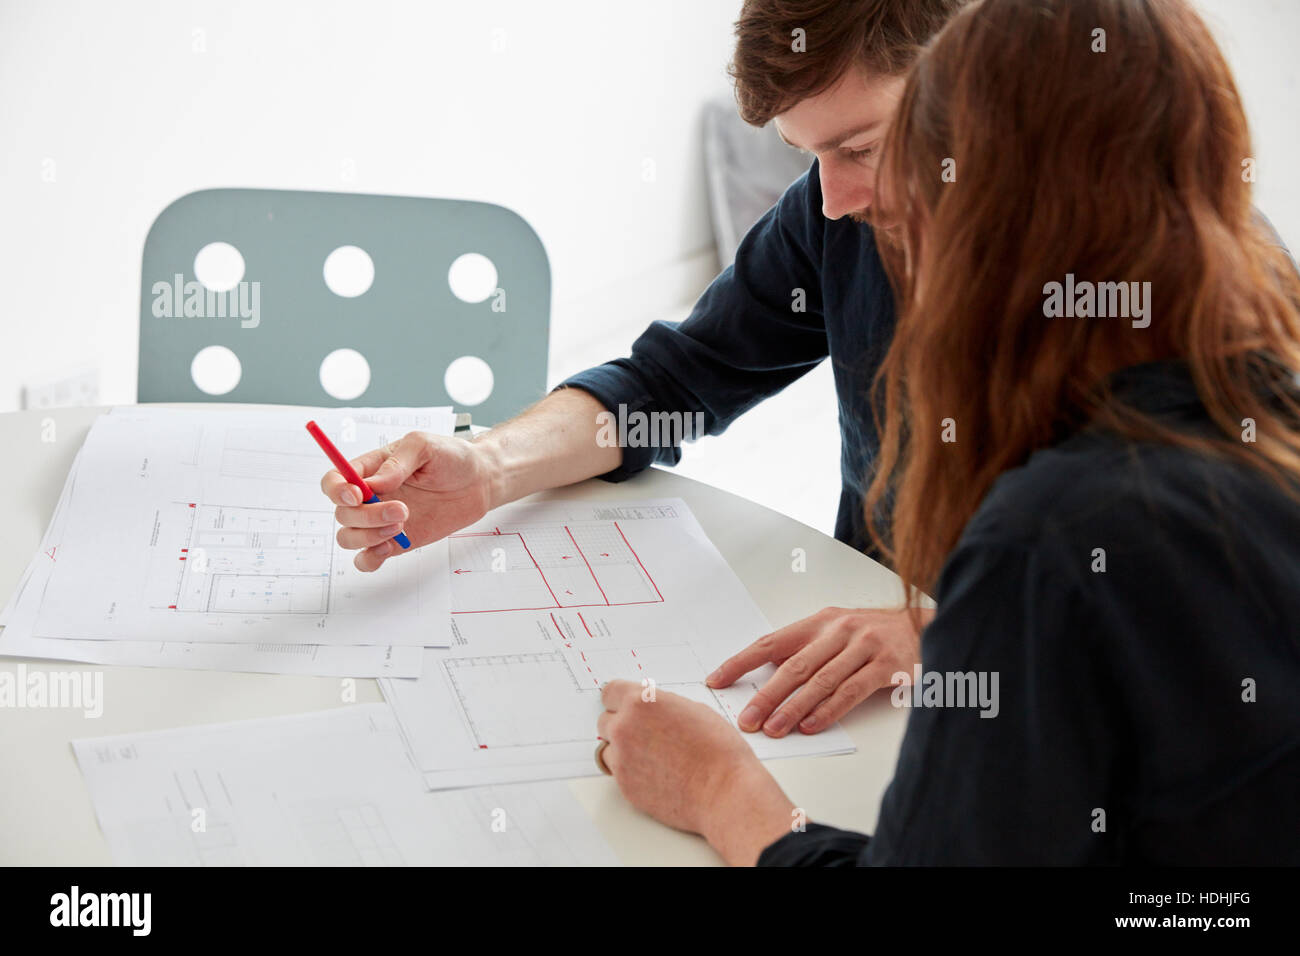 Un bureau moderne. Deux personnes lors d'une réunion à discuter des plans et des dessins, des dessins Photo Stock